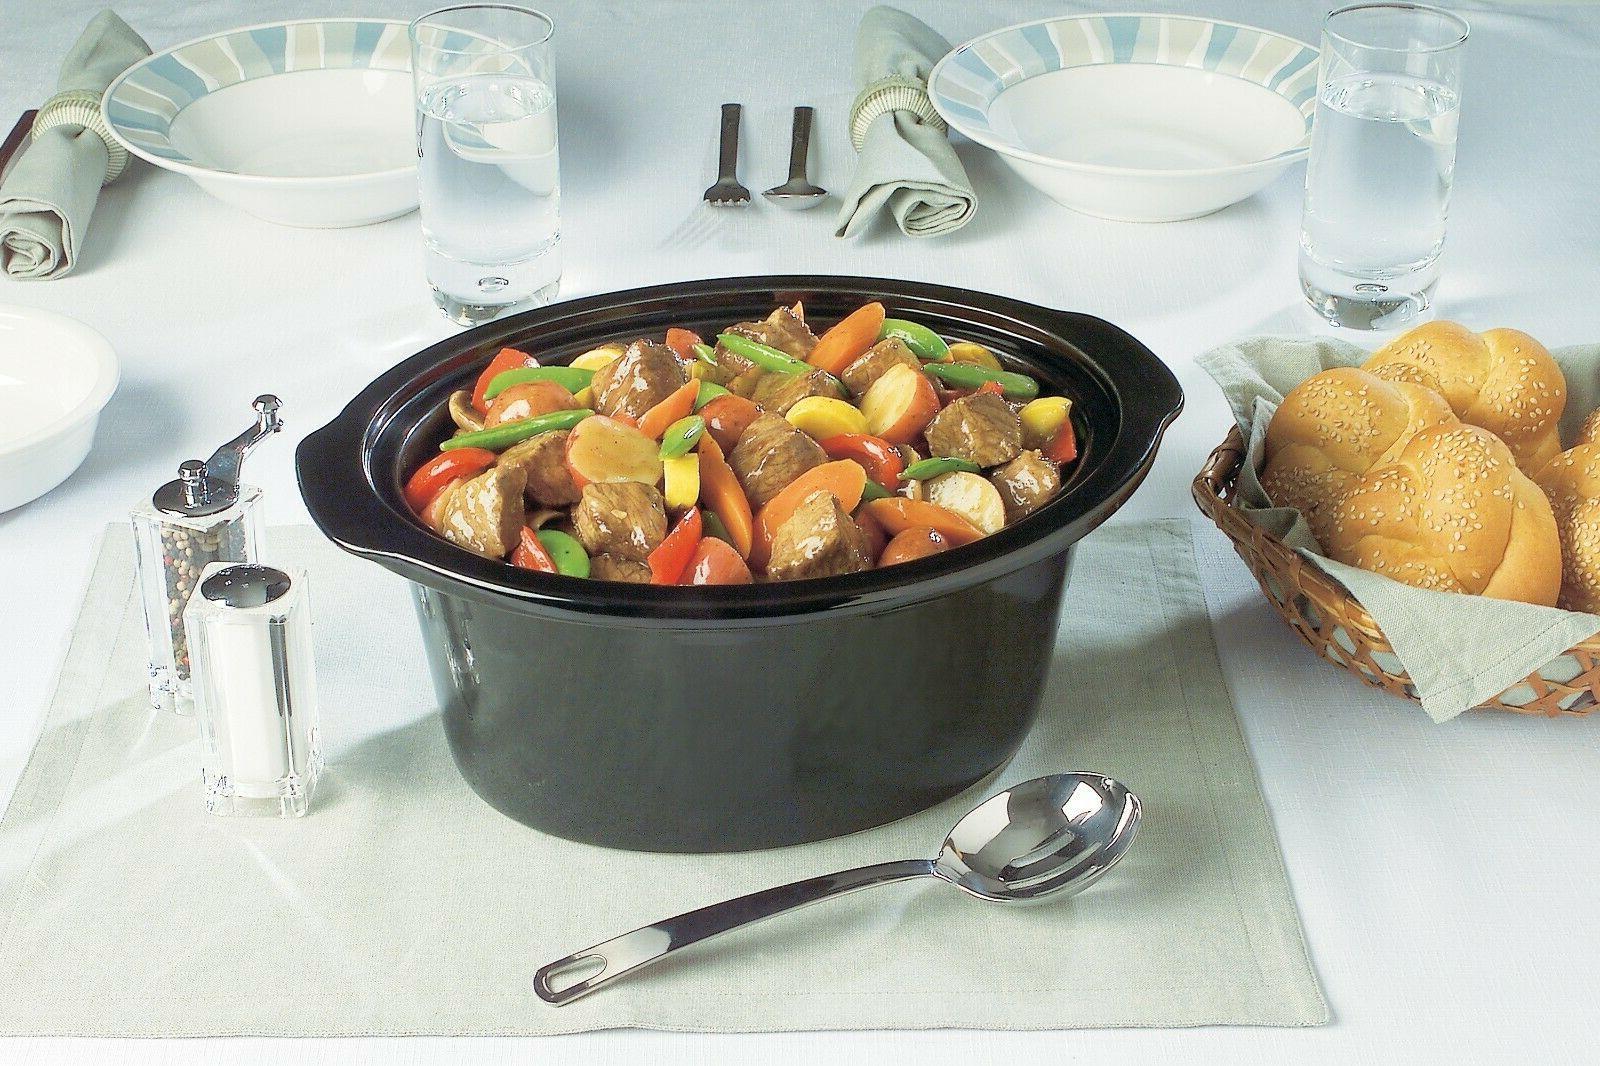 Crock-Pot Cooker Oval Black